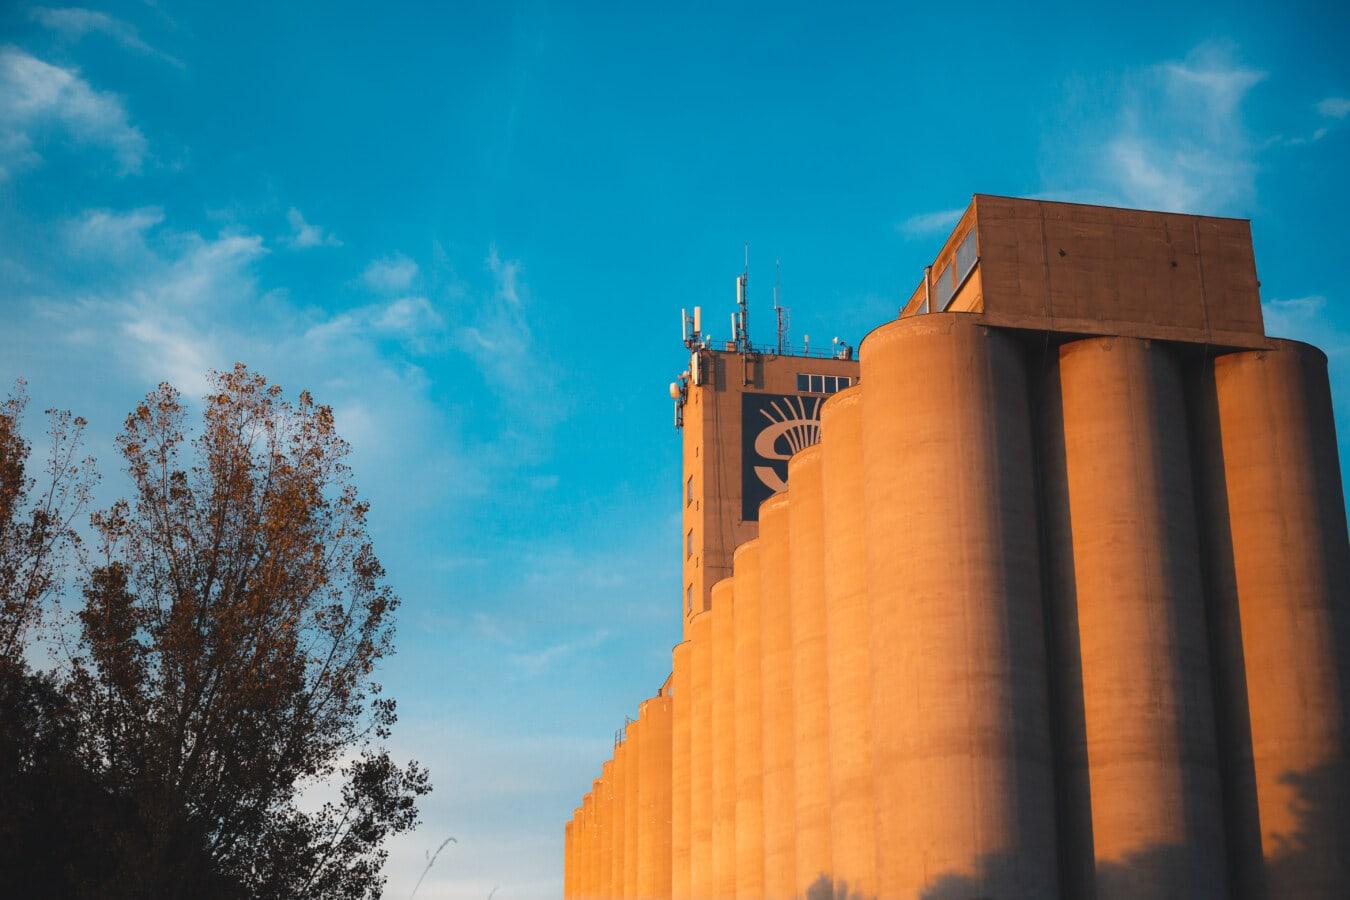 Silo, hoch, Gebäude, Wände, Beton, Factory, Branche, Architektur, im freien, Turm